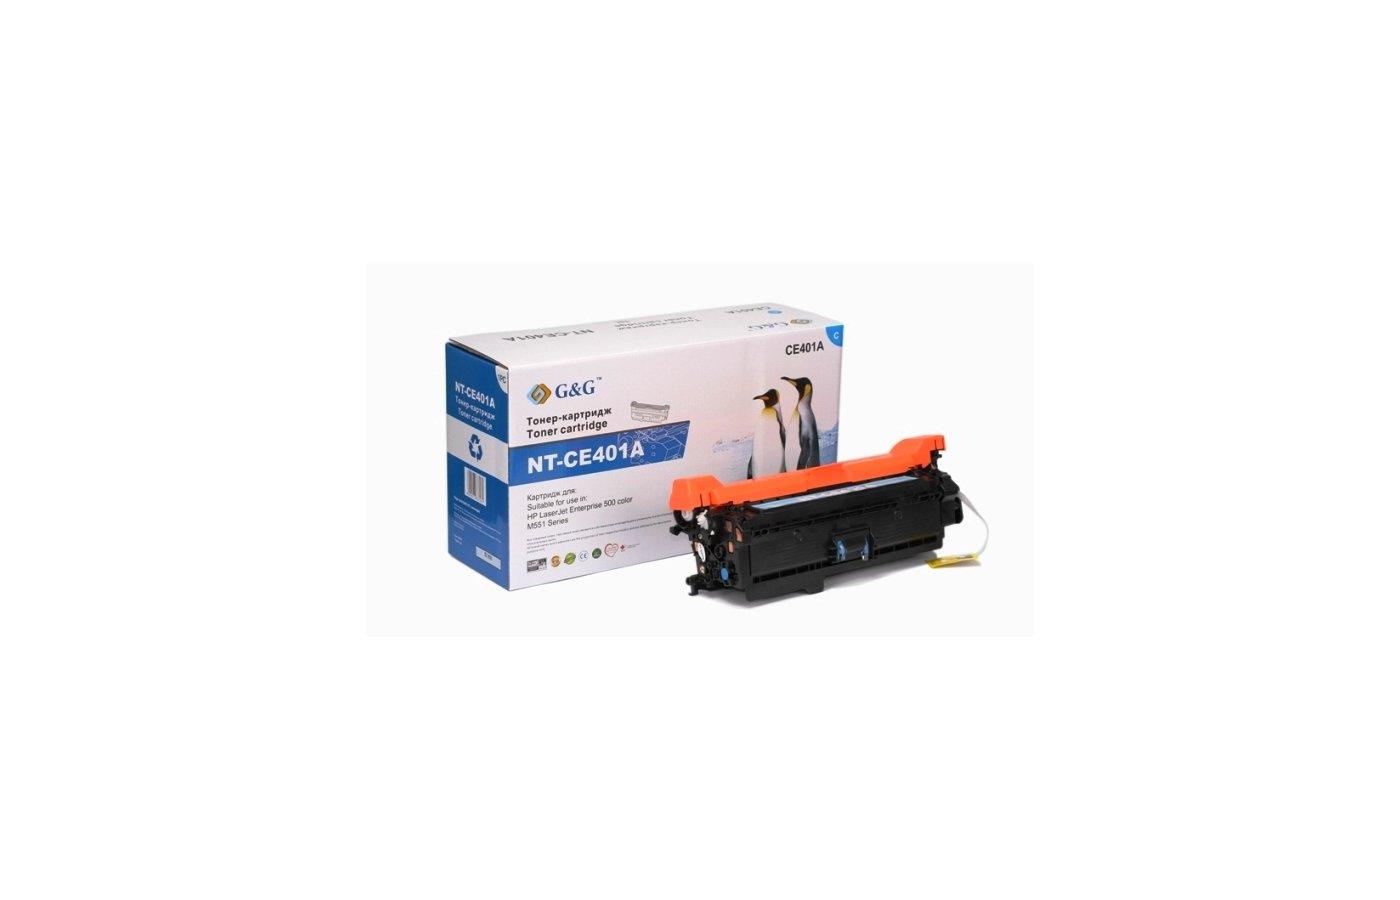 Картридж лазерный GG NT-CE401A Совместимый голубой для HP LaserJet EGG NTerprise 500 color M551 (6000 стр)